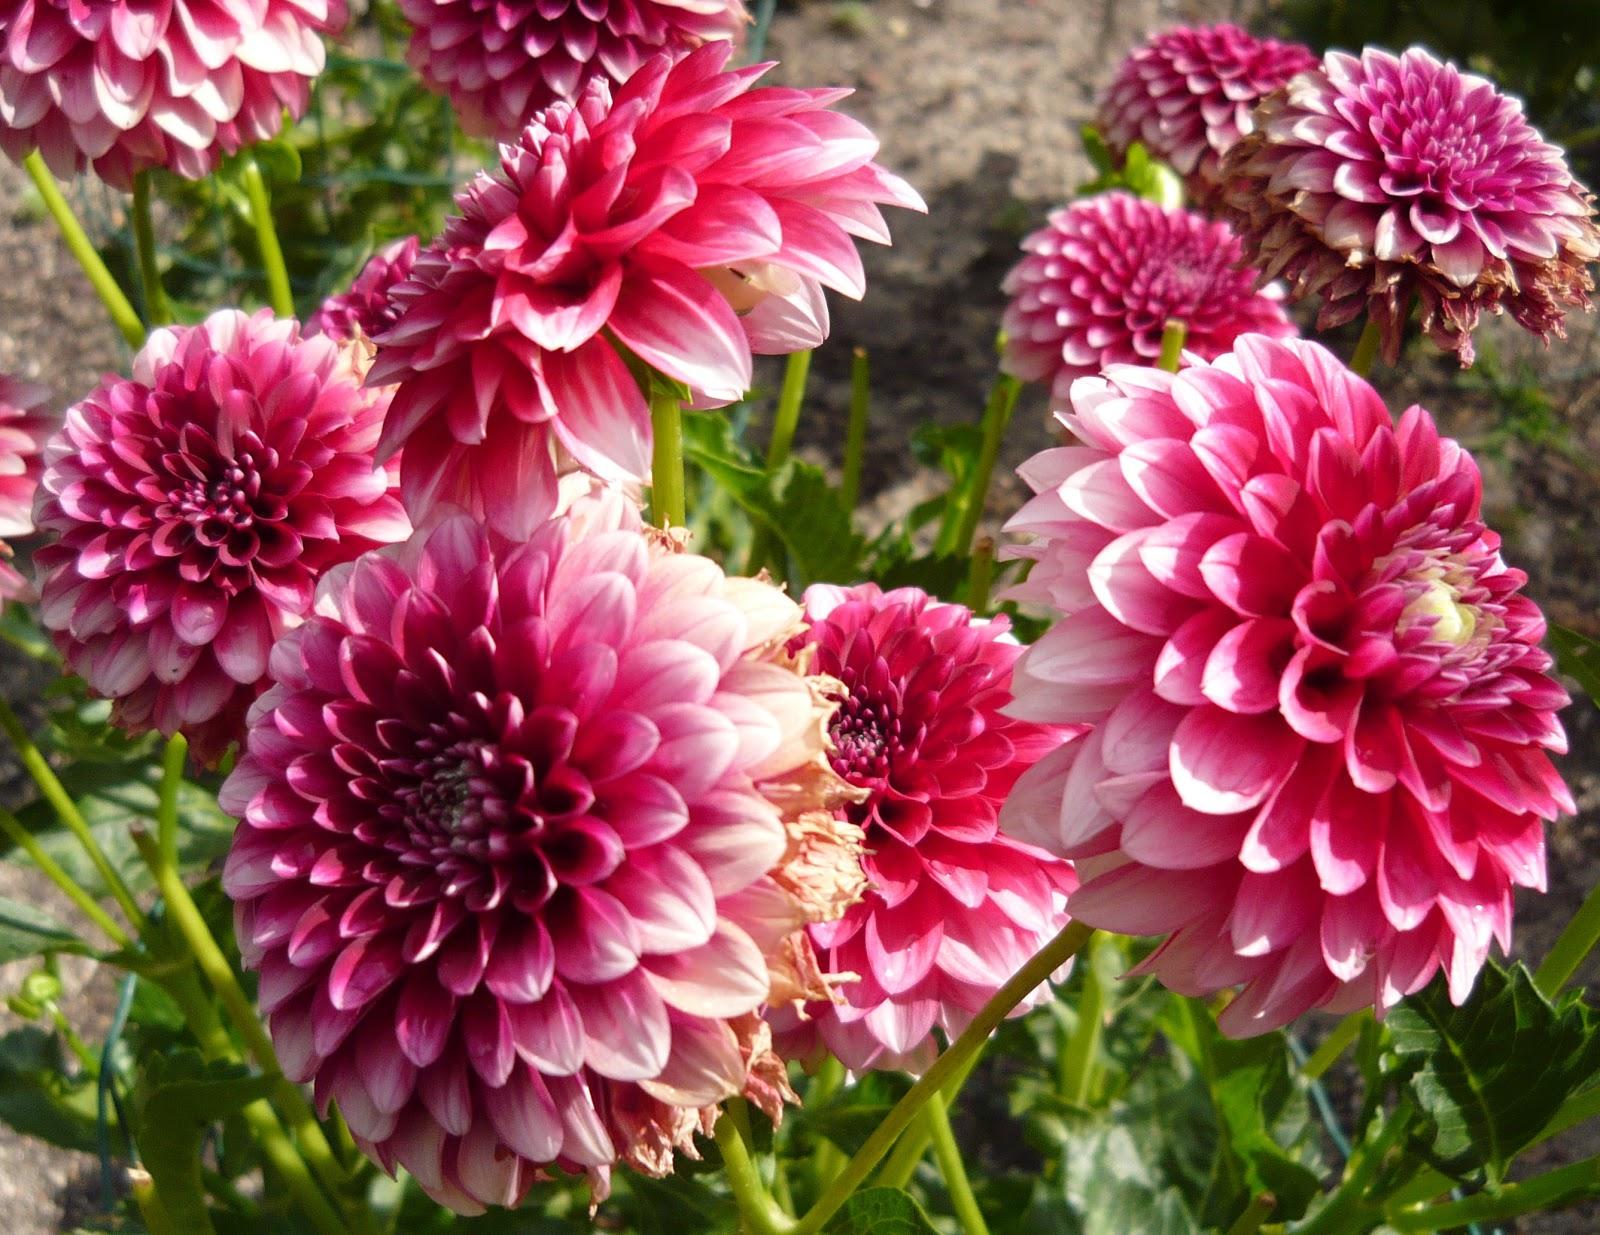 W & W Nursery & Landscaping: 9 Easy Summer Flowers